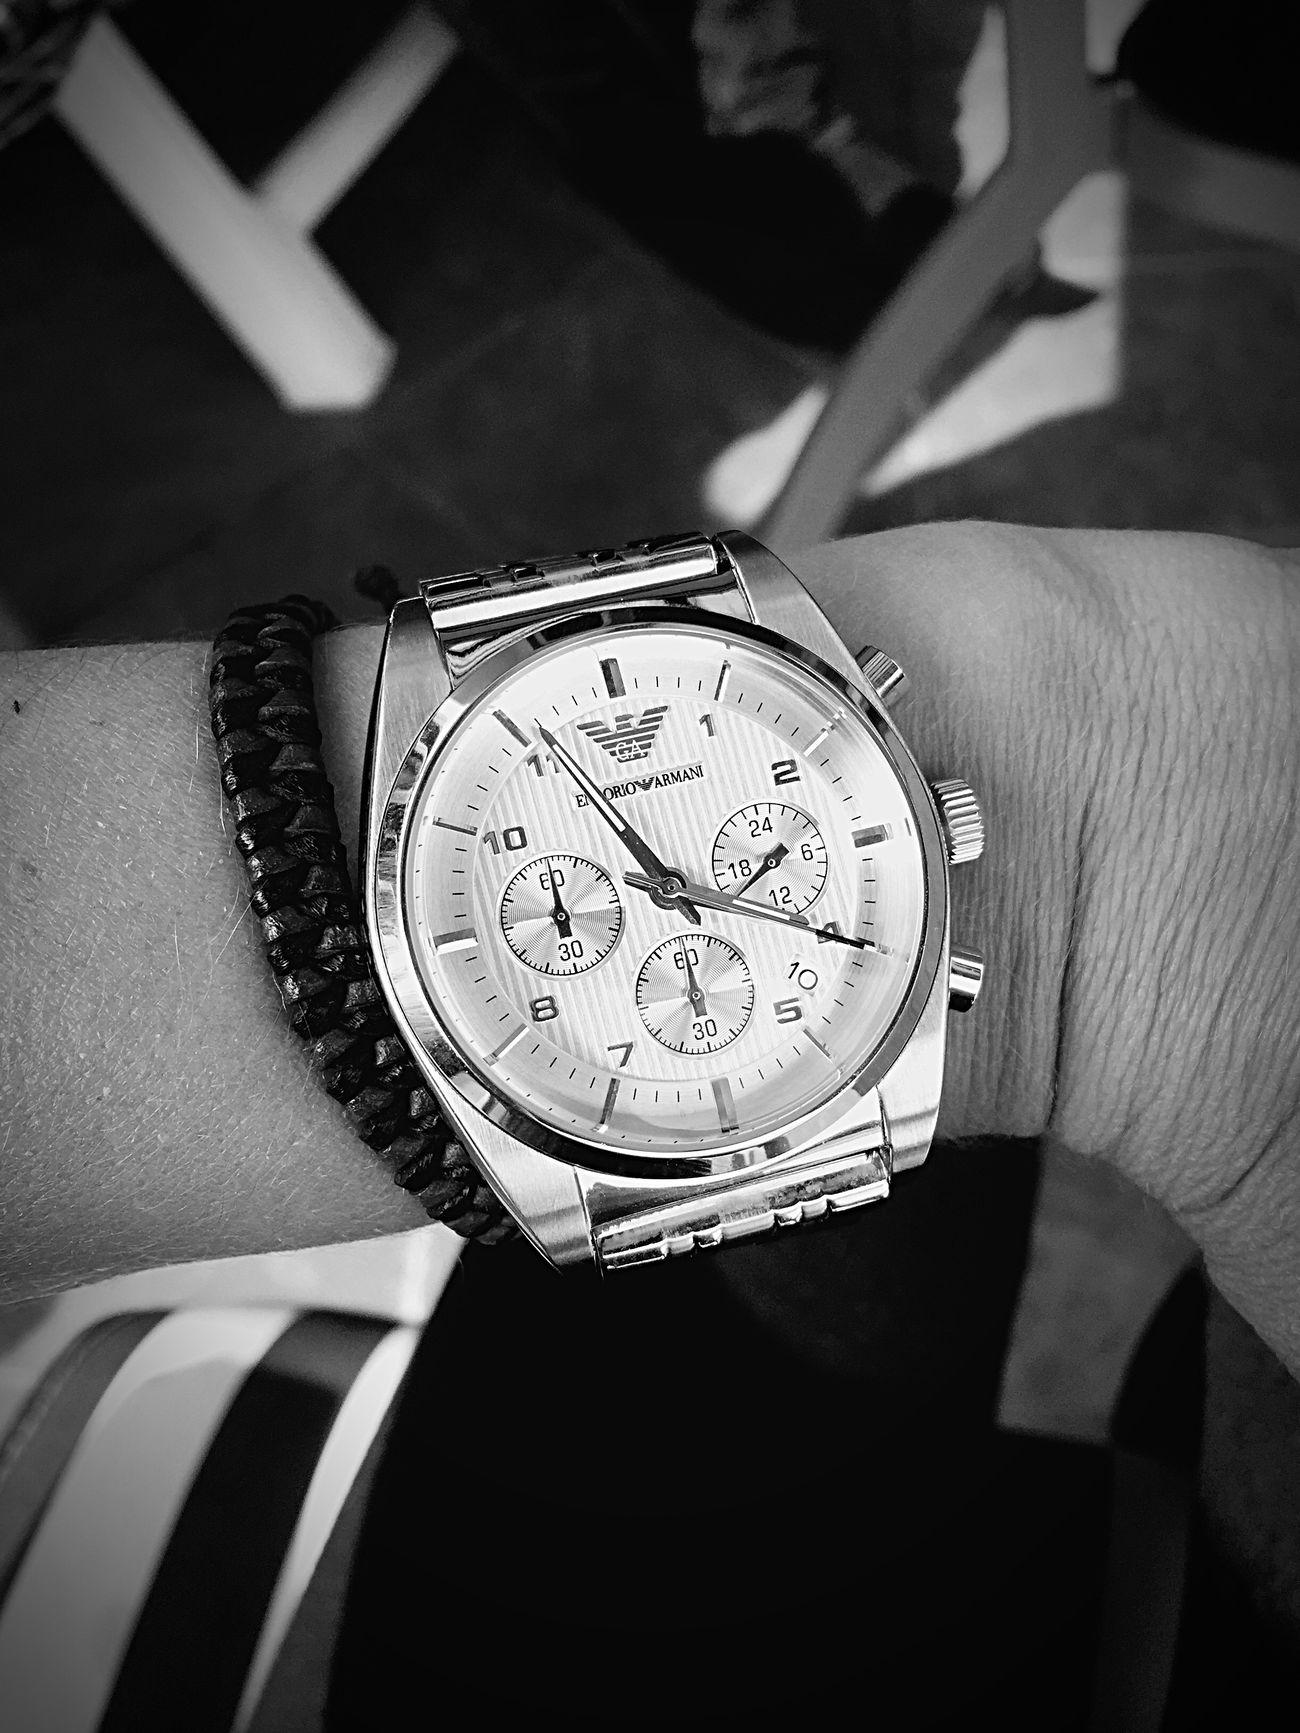 Blackandwhite Black And White Black And White Photography IPhoneography Iphone6 Watch Uhr Armband Bracelet Zegarek Time Zeit Schwarzweiß Schwarz & Weiß Czarno-białe